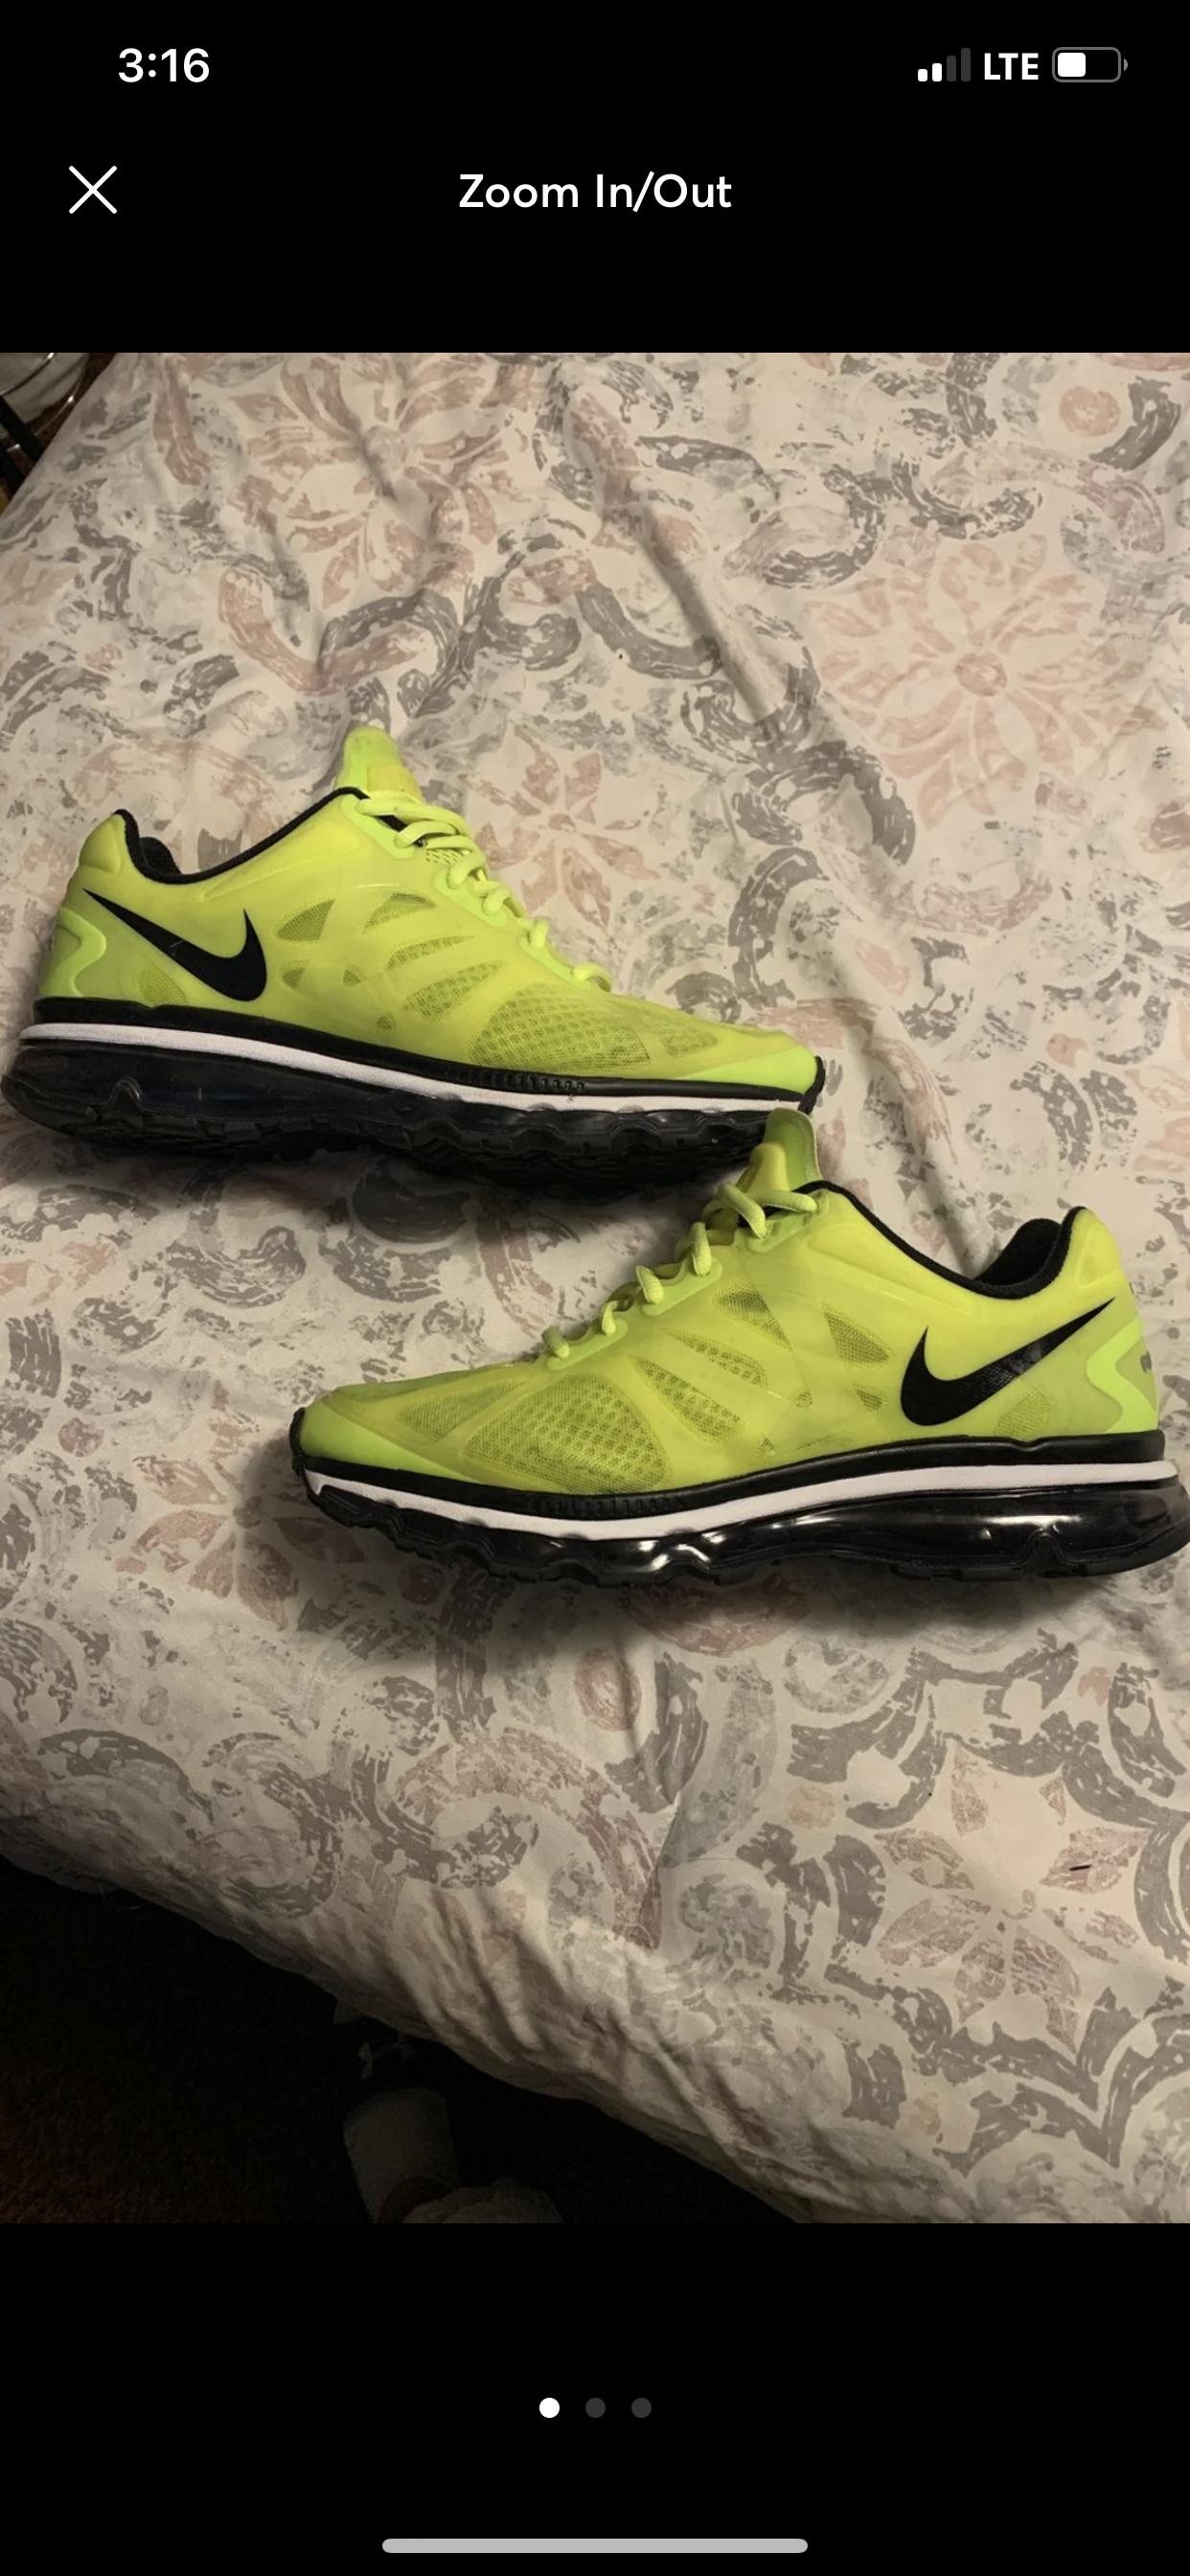 Nike - $100 - Size 10